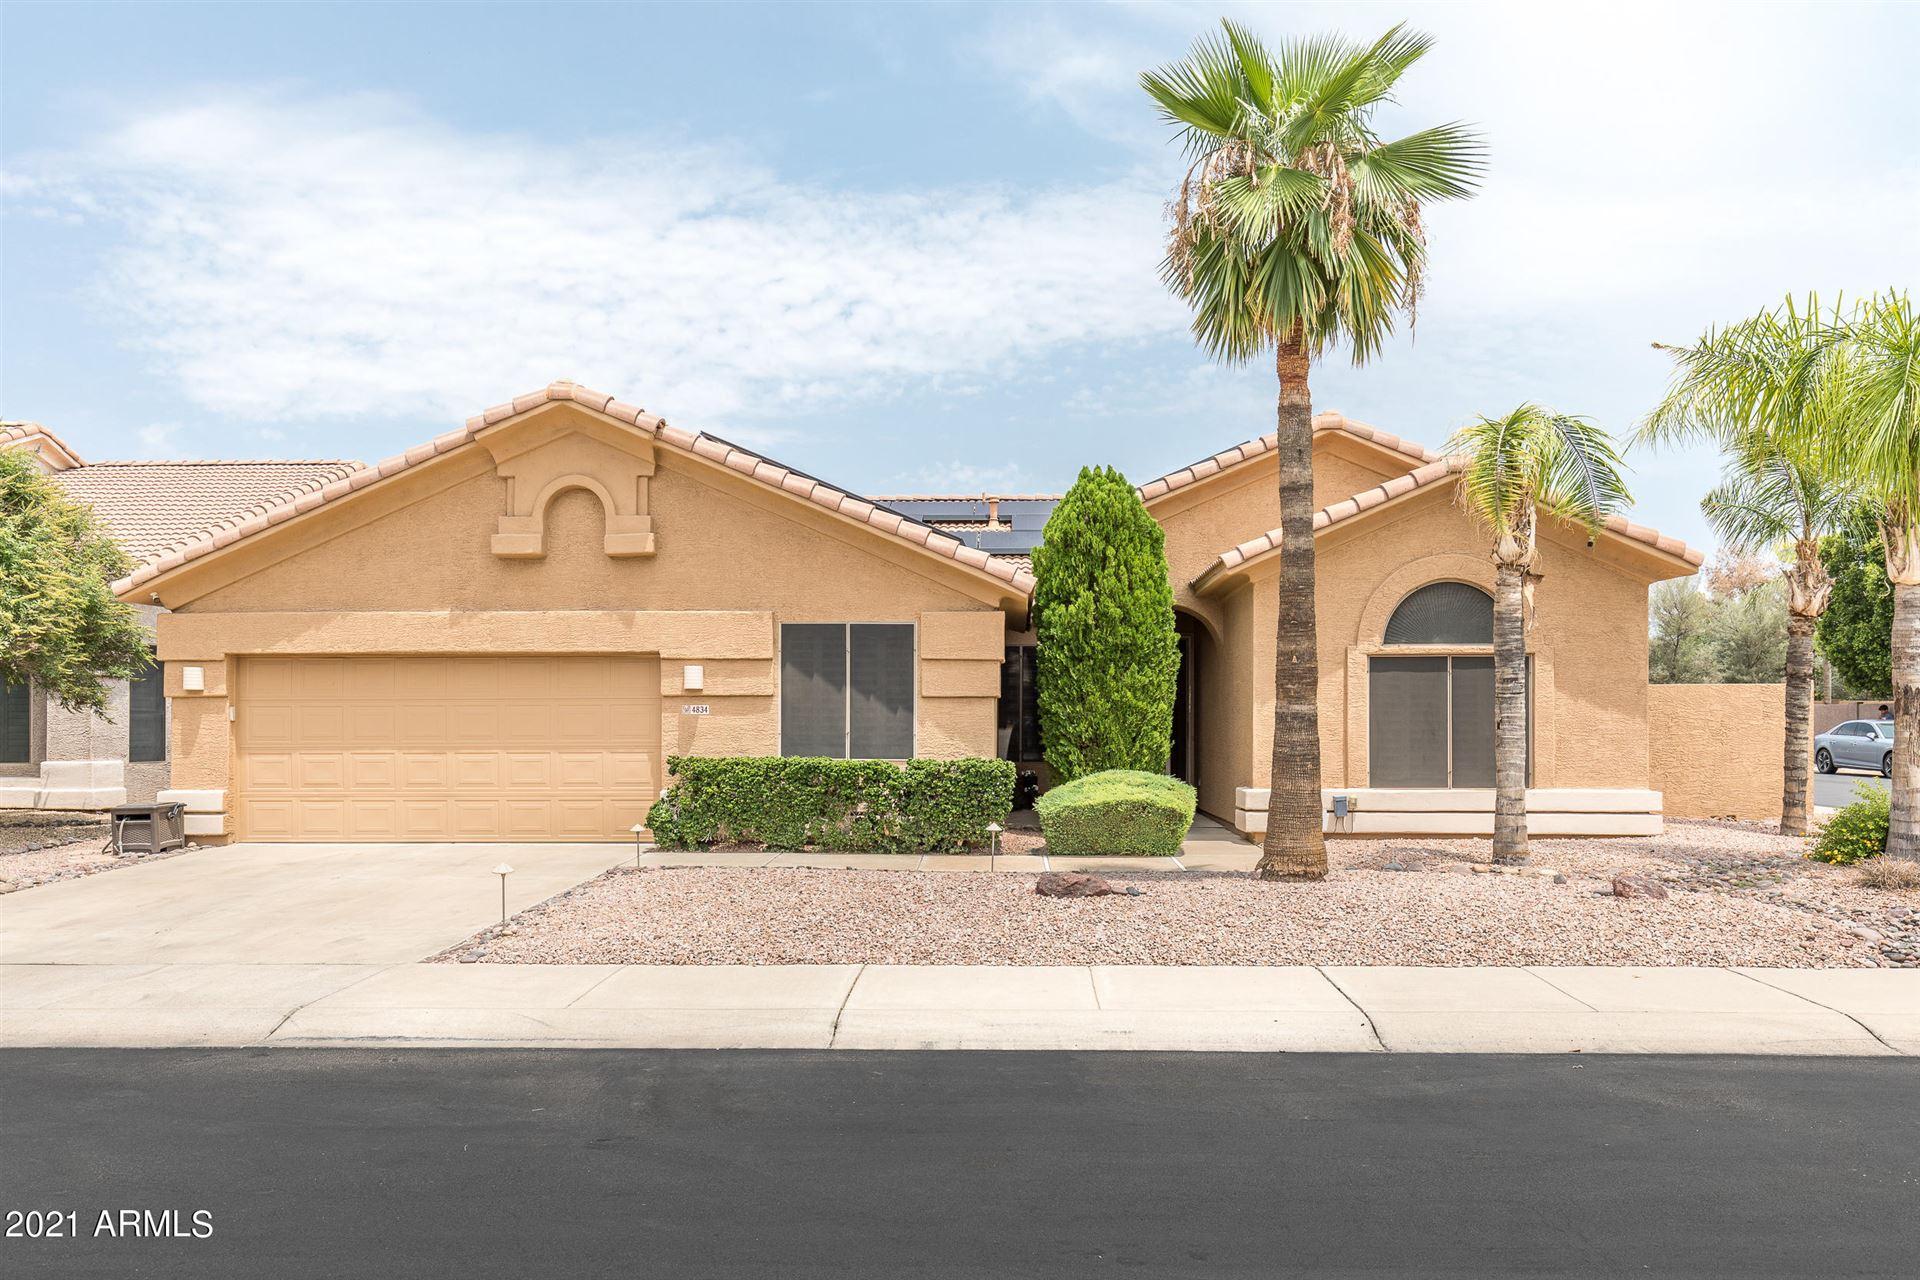 Photo of 4834 E CHARLESTON Avenue, Scottsdale, AZ 85254 (MLS # 6269191)